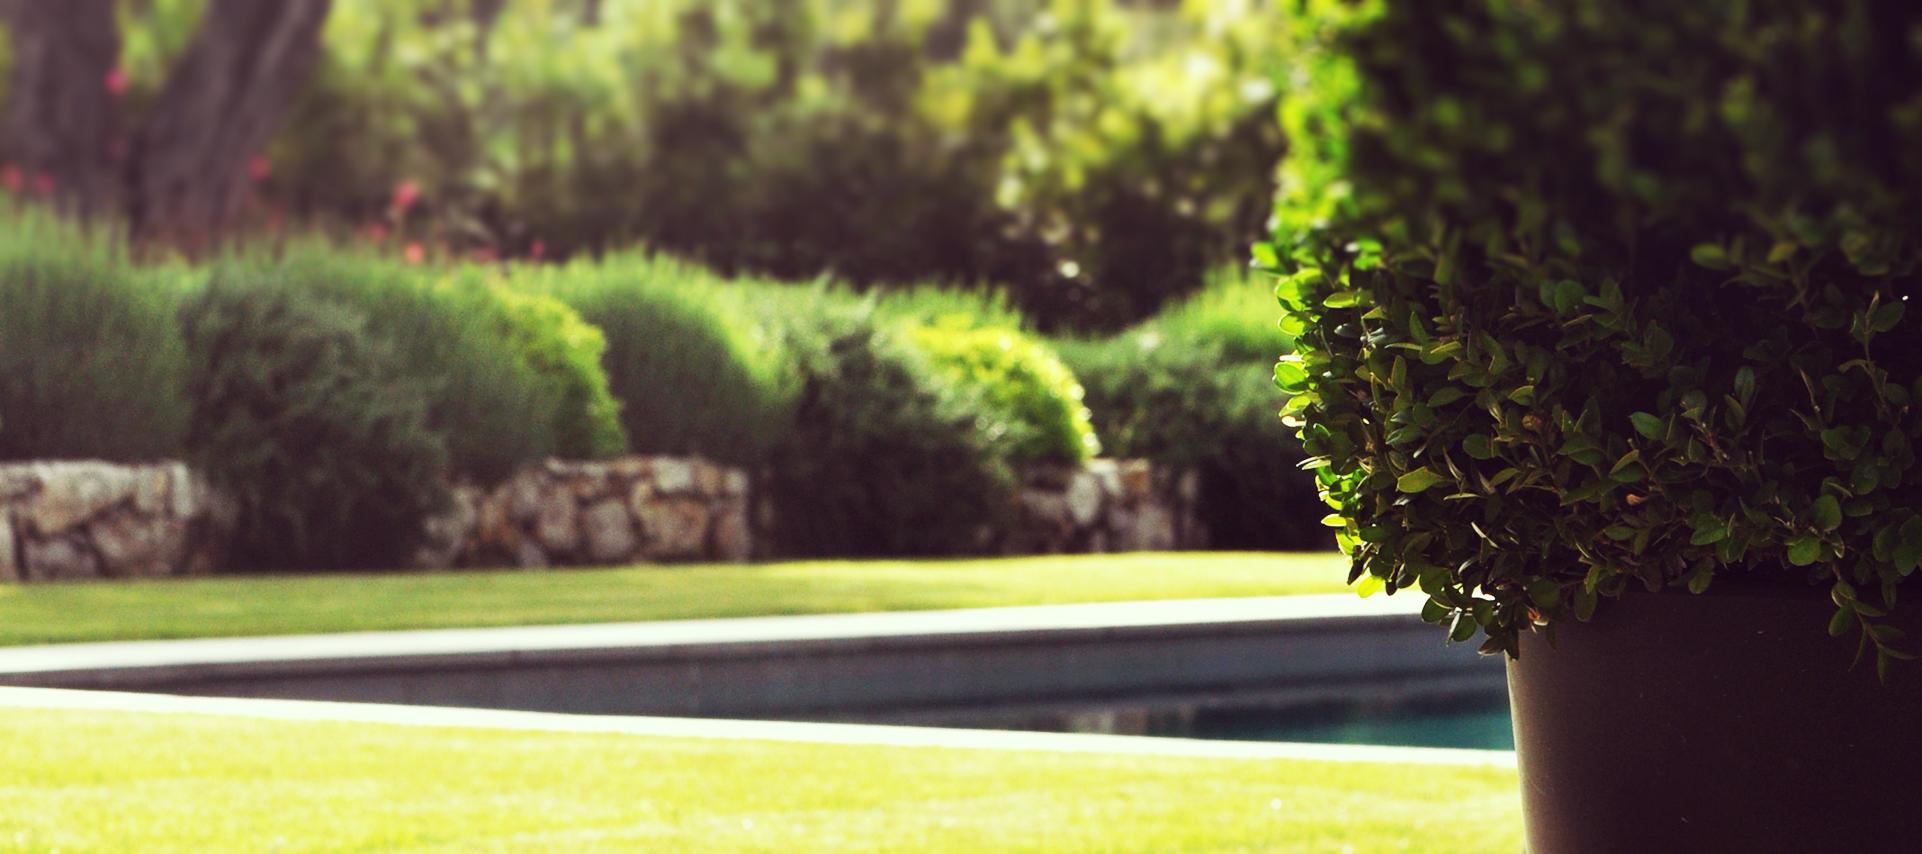 Entretien parcs et jardins adonis paysages for Entretien de son jardin